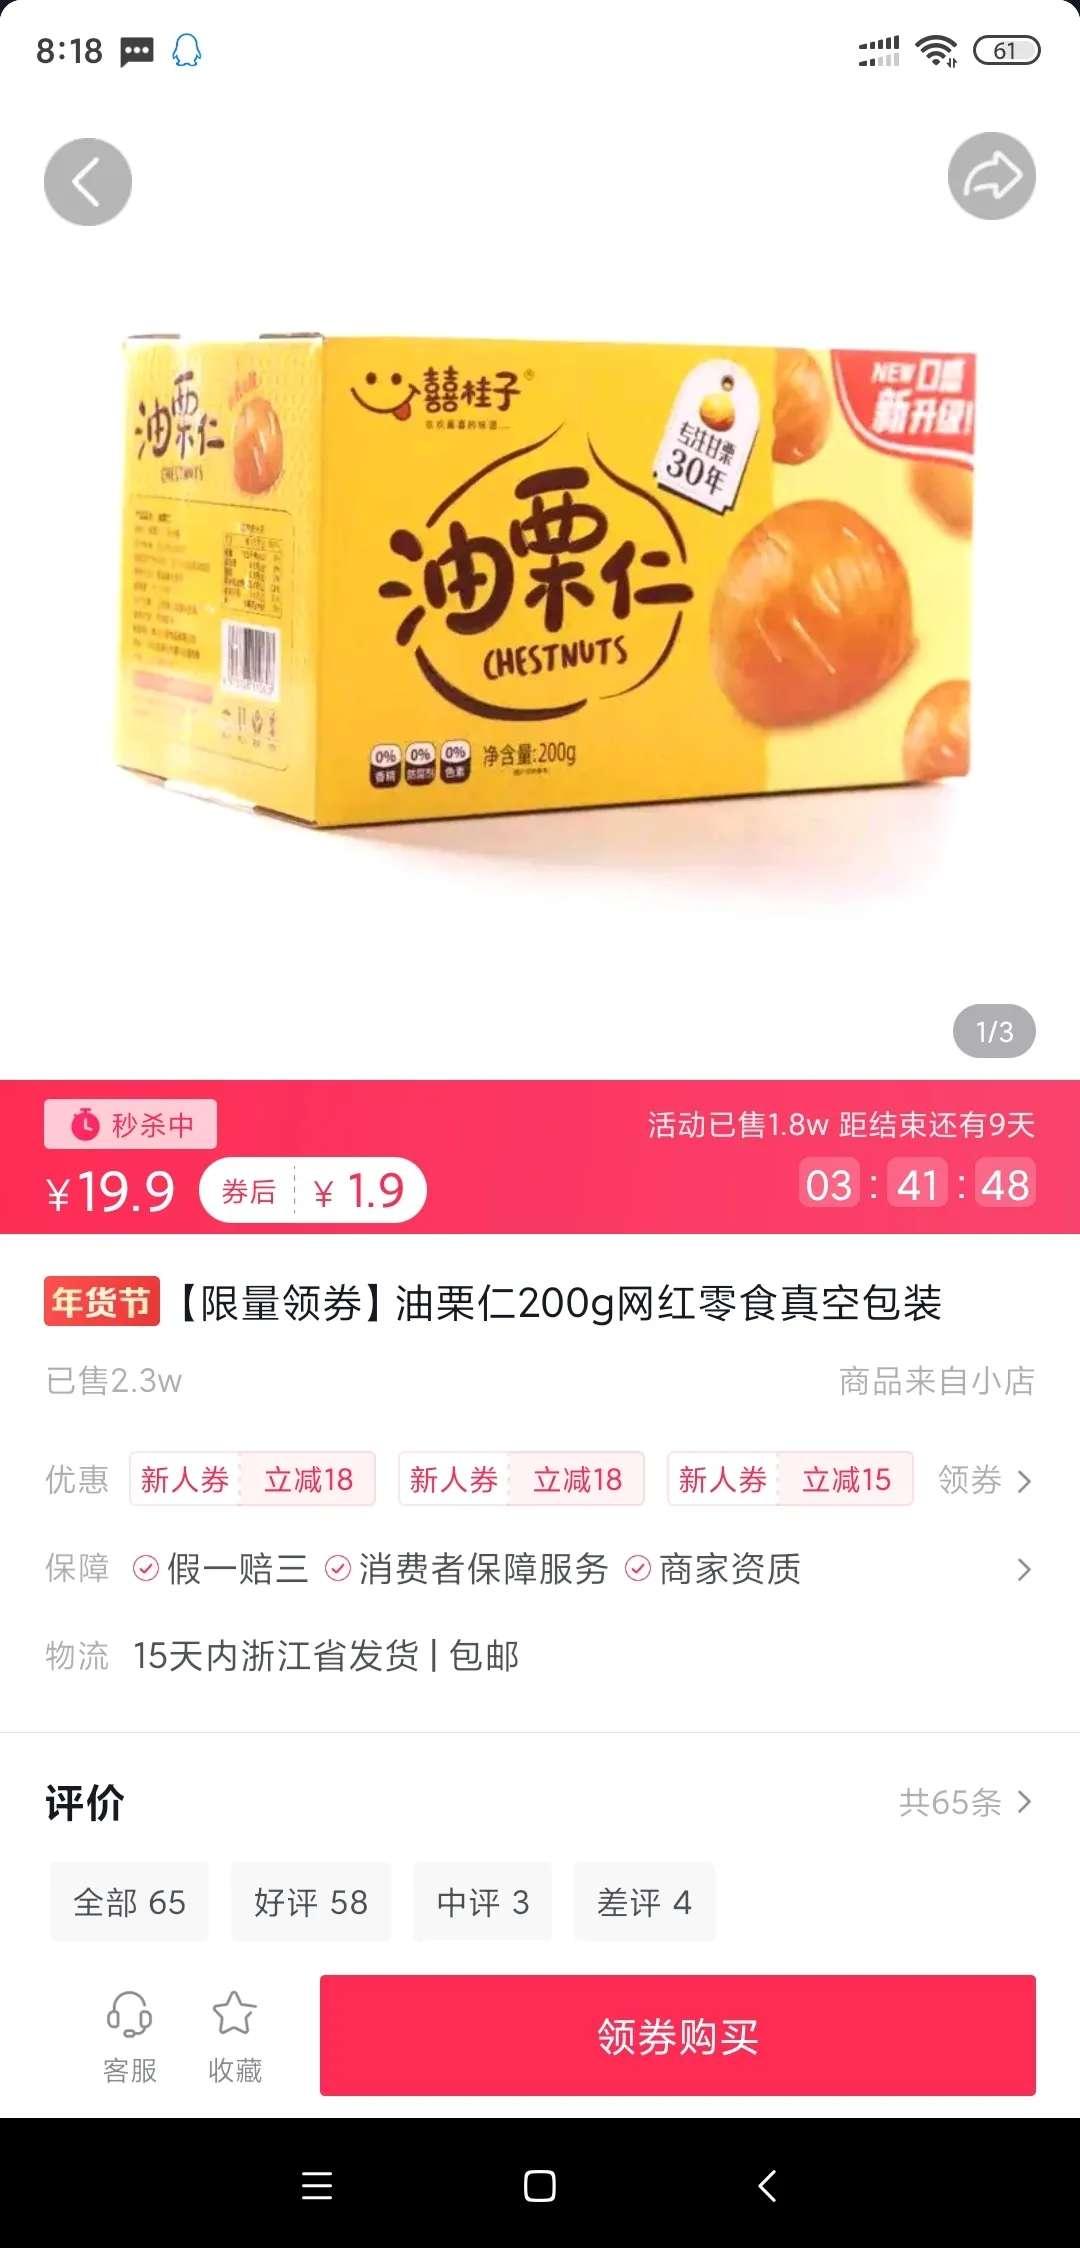 1.9元购零食板栗仁、干发帽等(包邮)